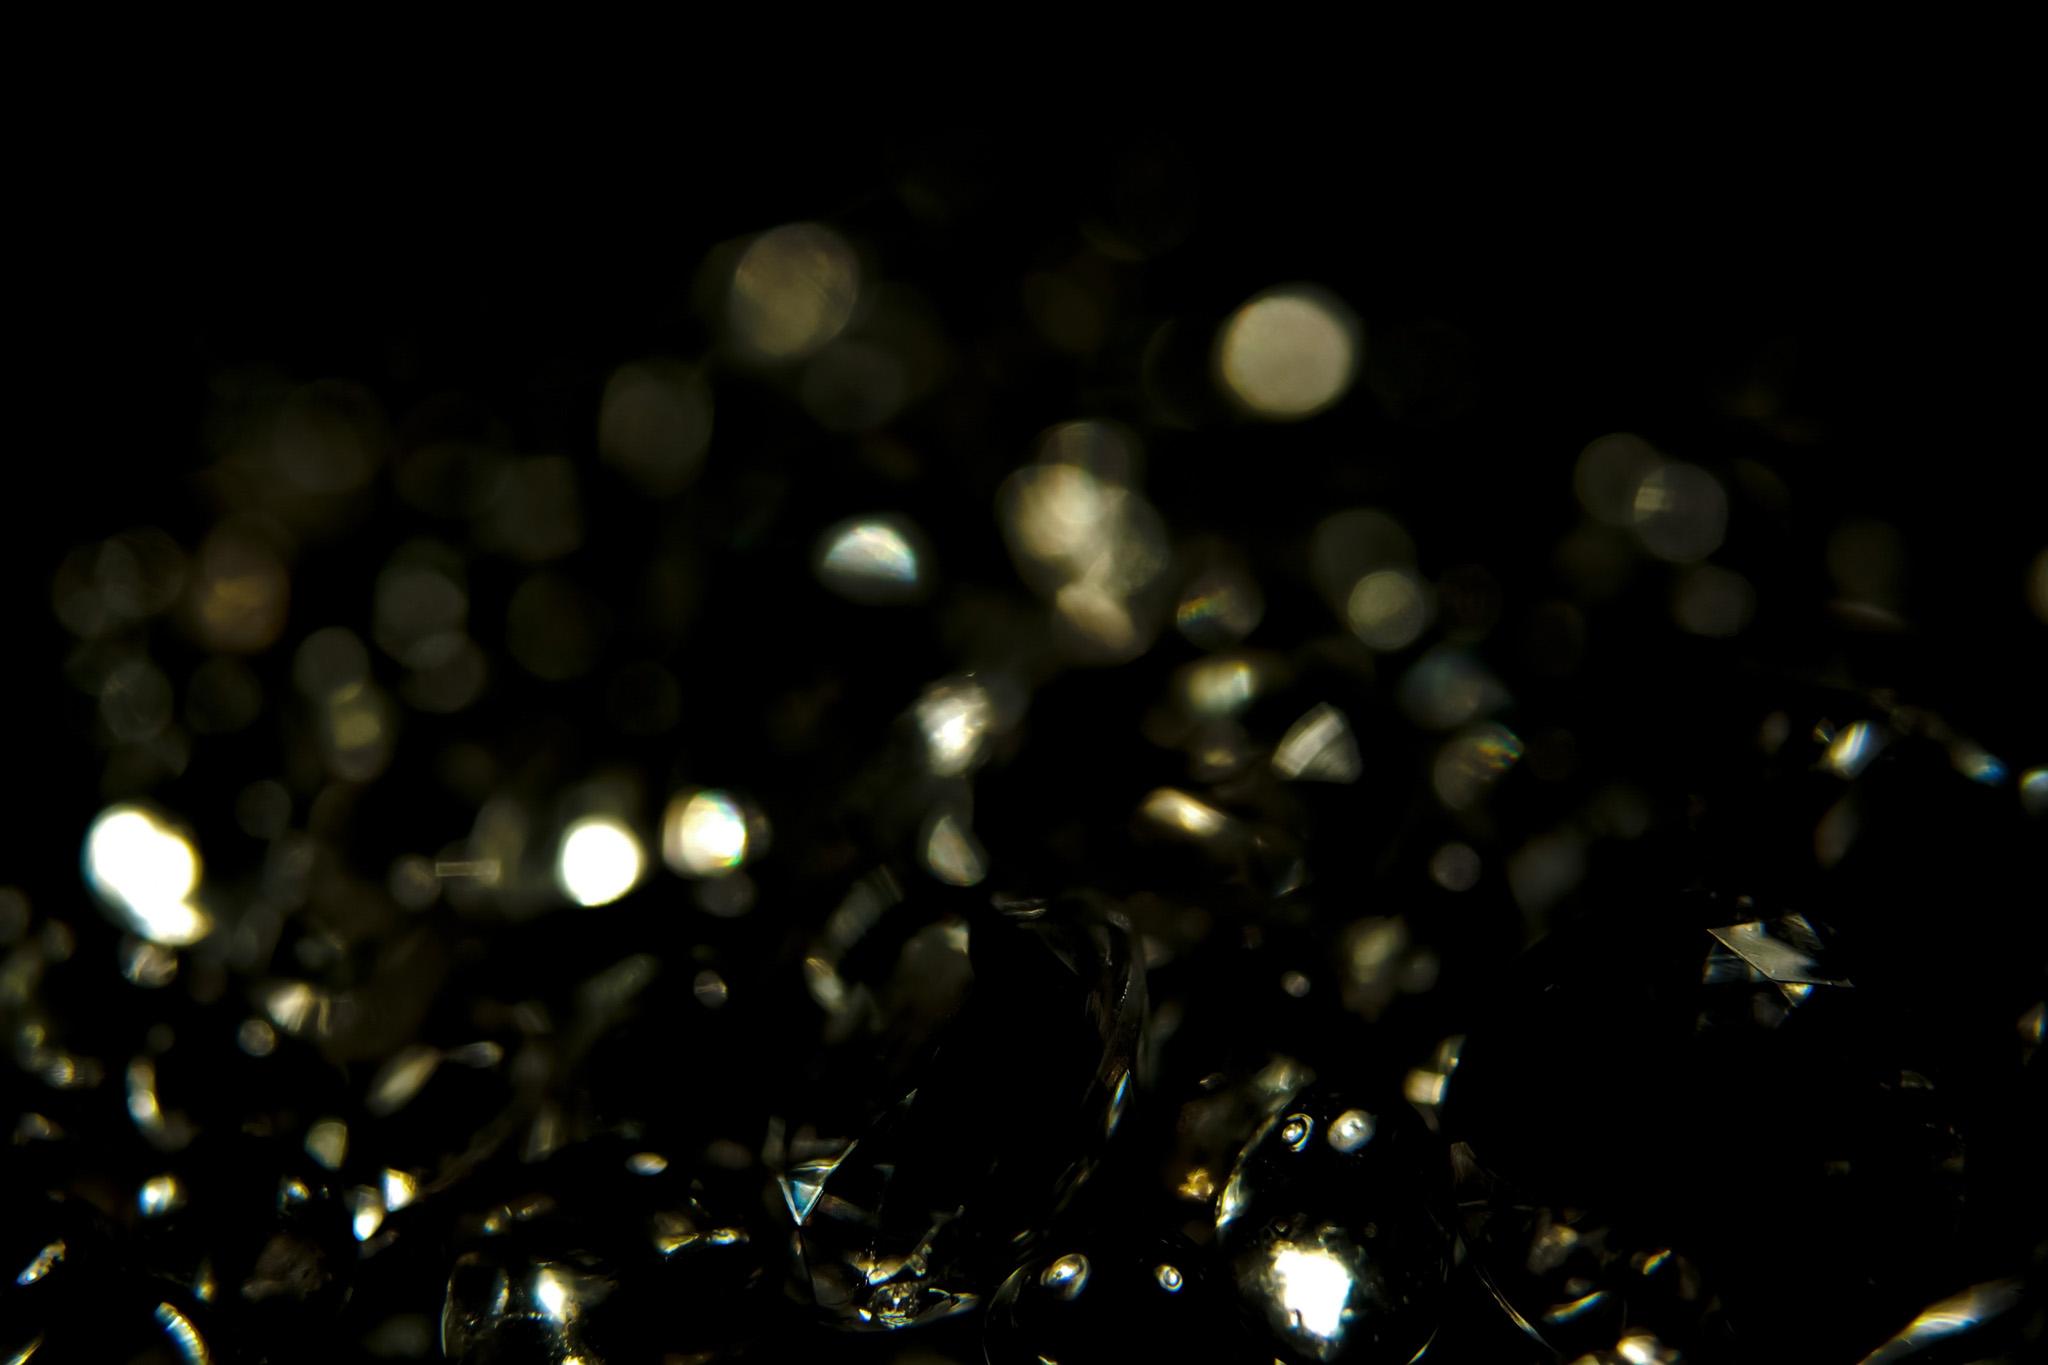 「キラキラの光背景」の画像を無料ダウンロード